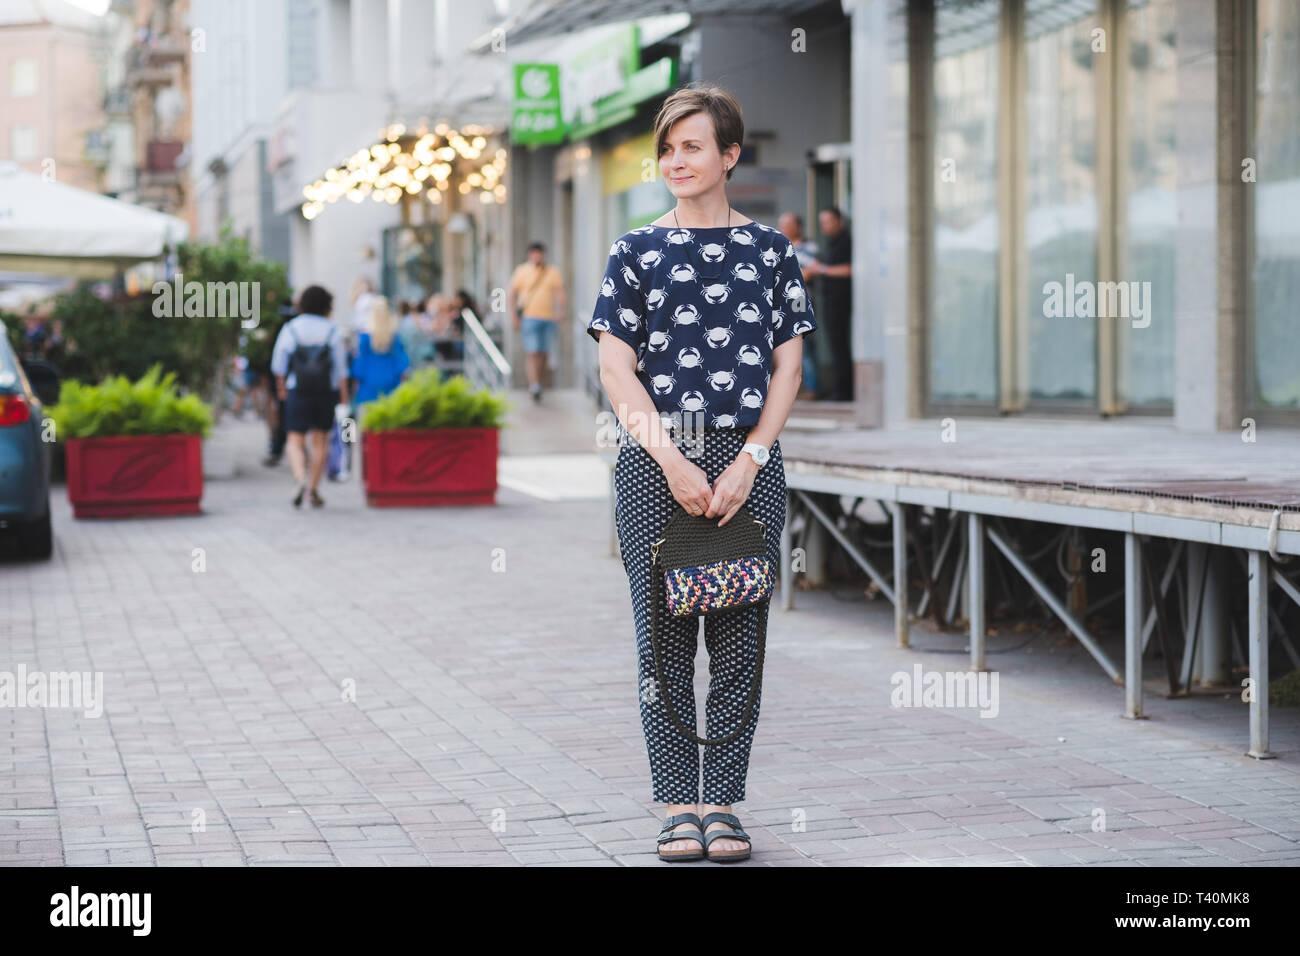 614a71af0 Retrato de cuerpo completo al aire libre de moda mujer hermosa joven con  una pequeña bolsa